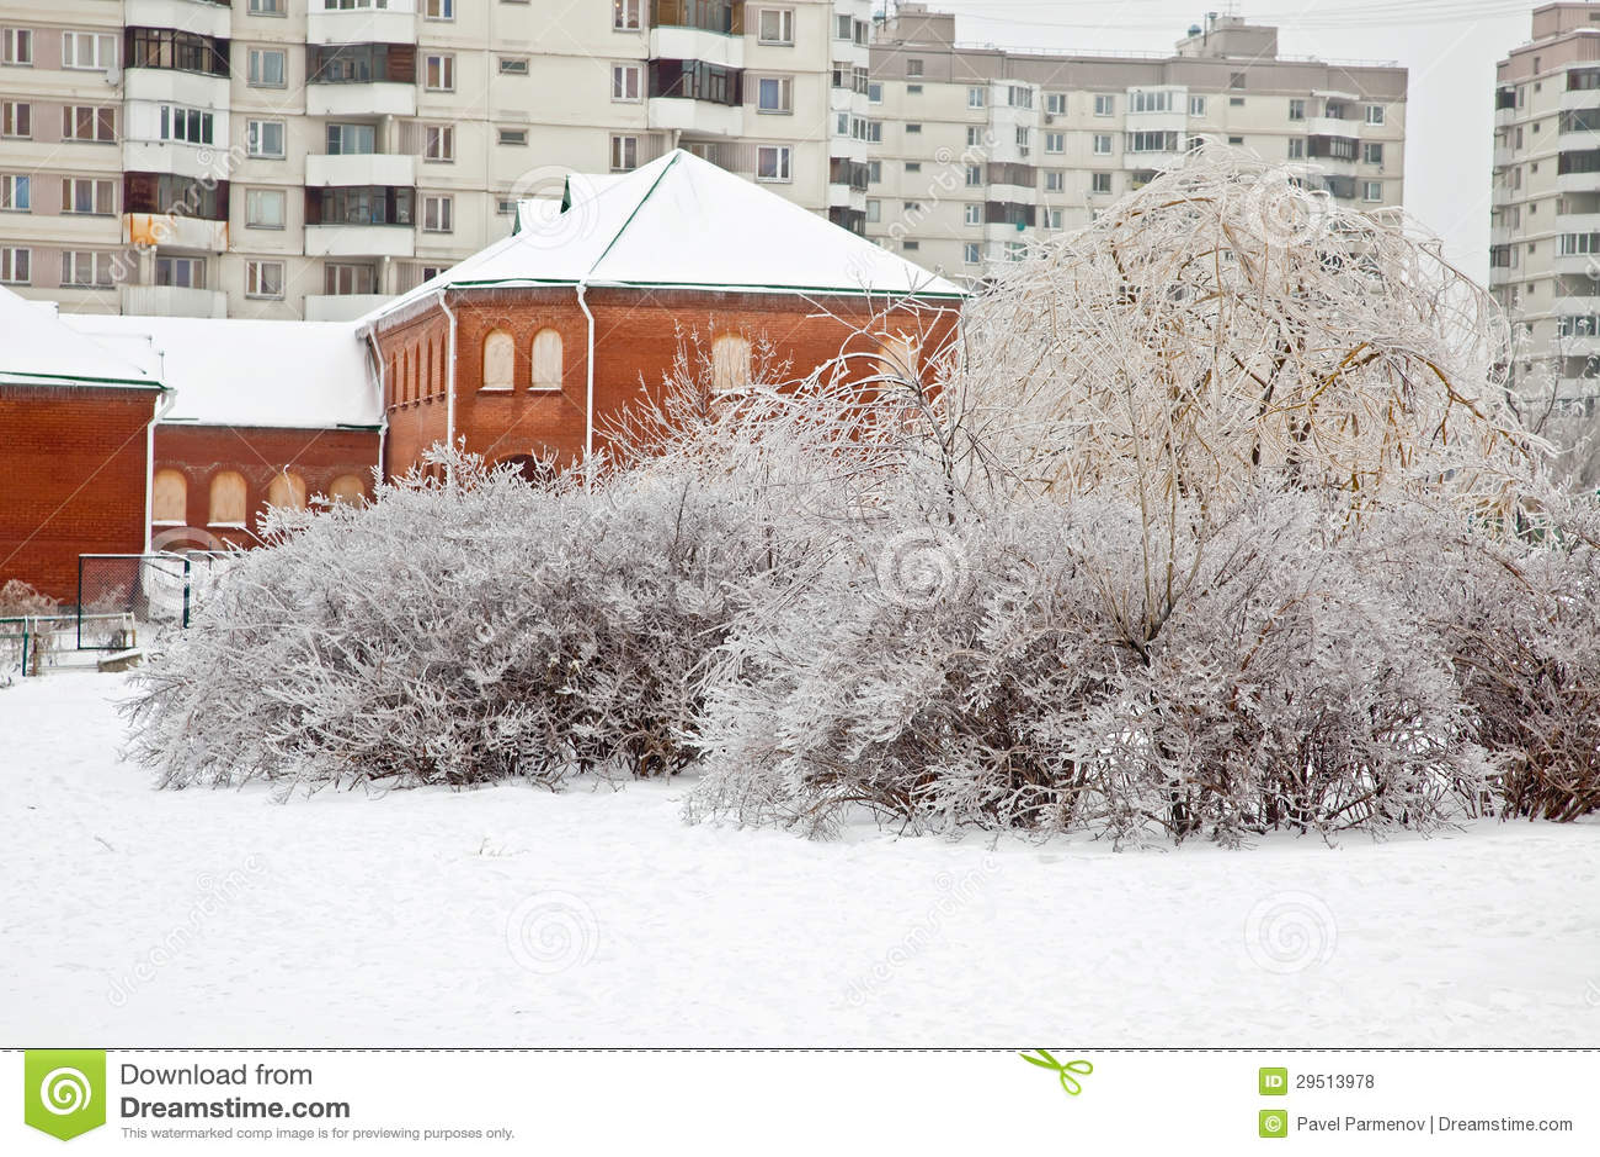 nach dem winter eisregen st dtische landschaft stockfoto bild von pfad kalt 29513978. Black Bedroom Furniture Sets. Home Design Ideas